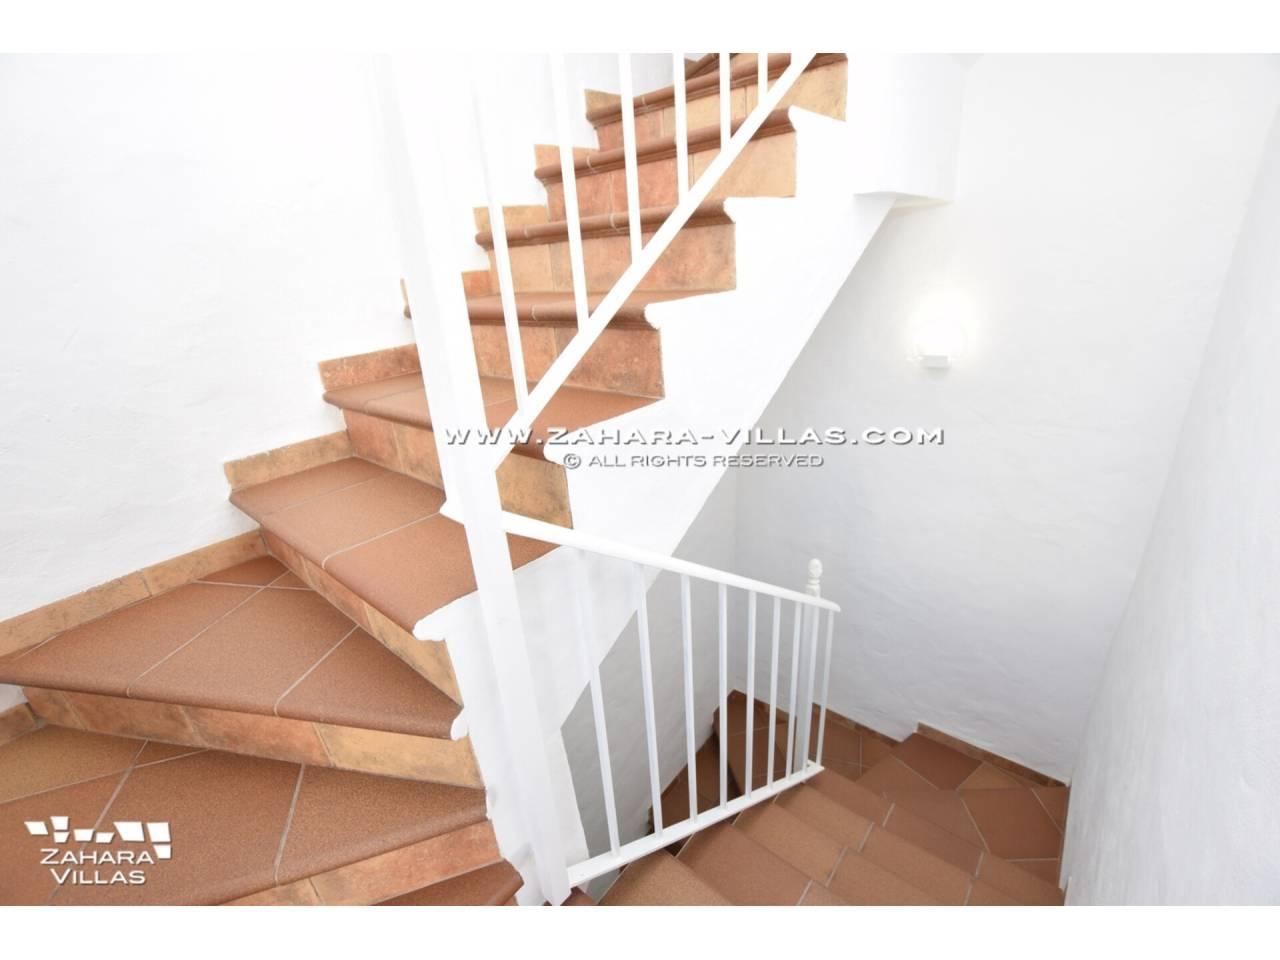 Imagen 26 de Haus zum verkauf in Zahara de los Atunes